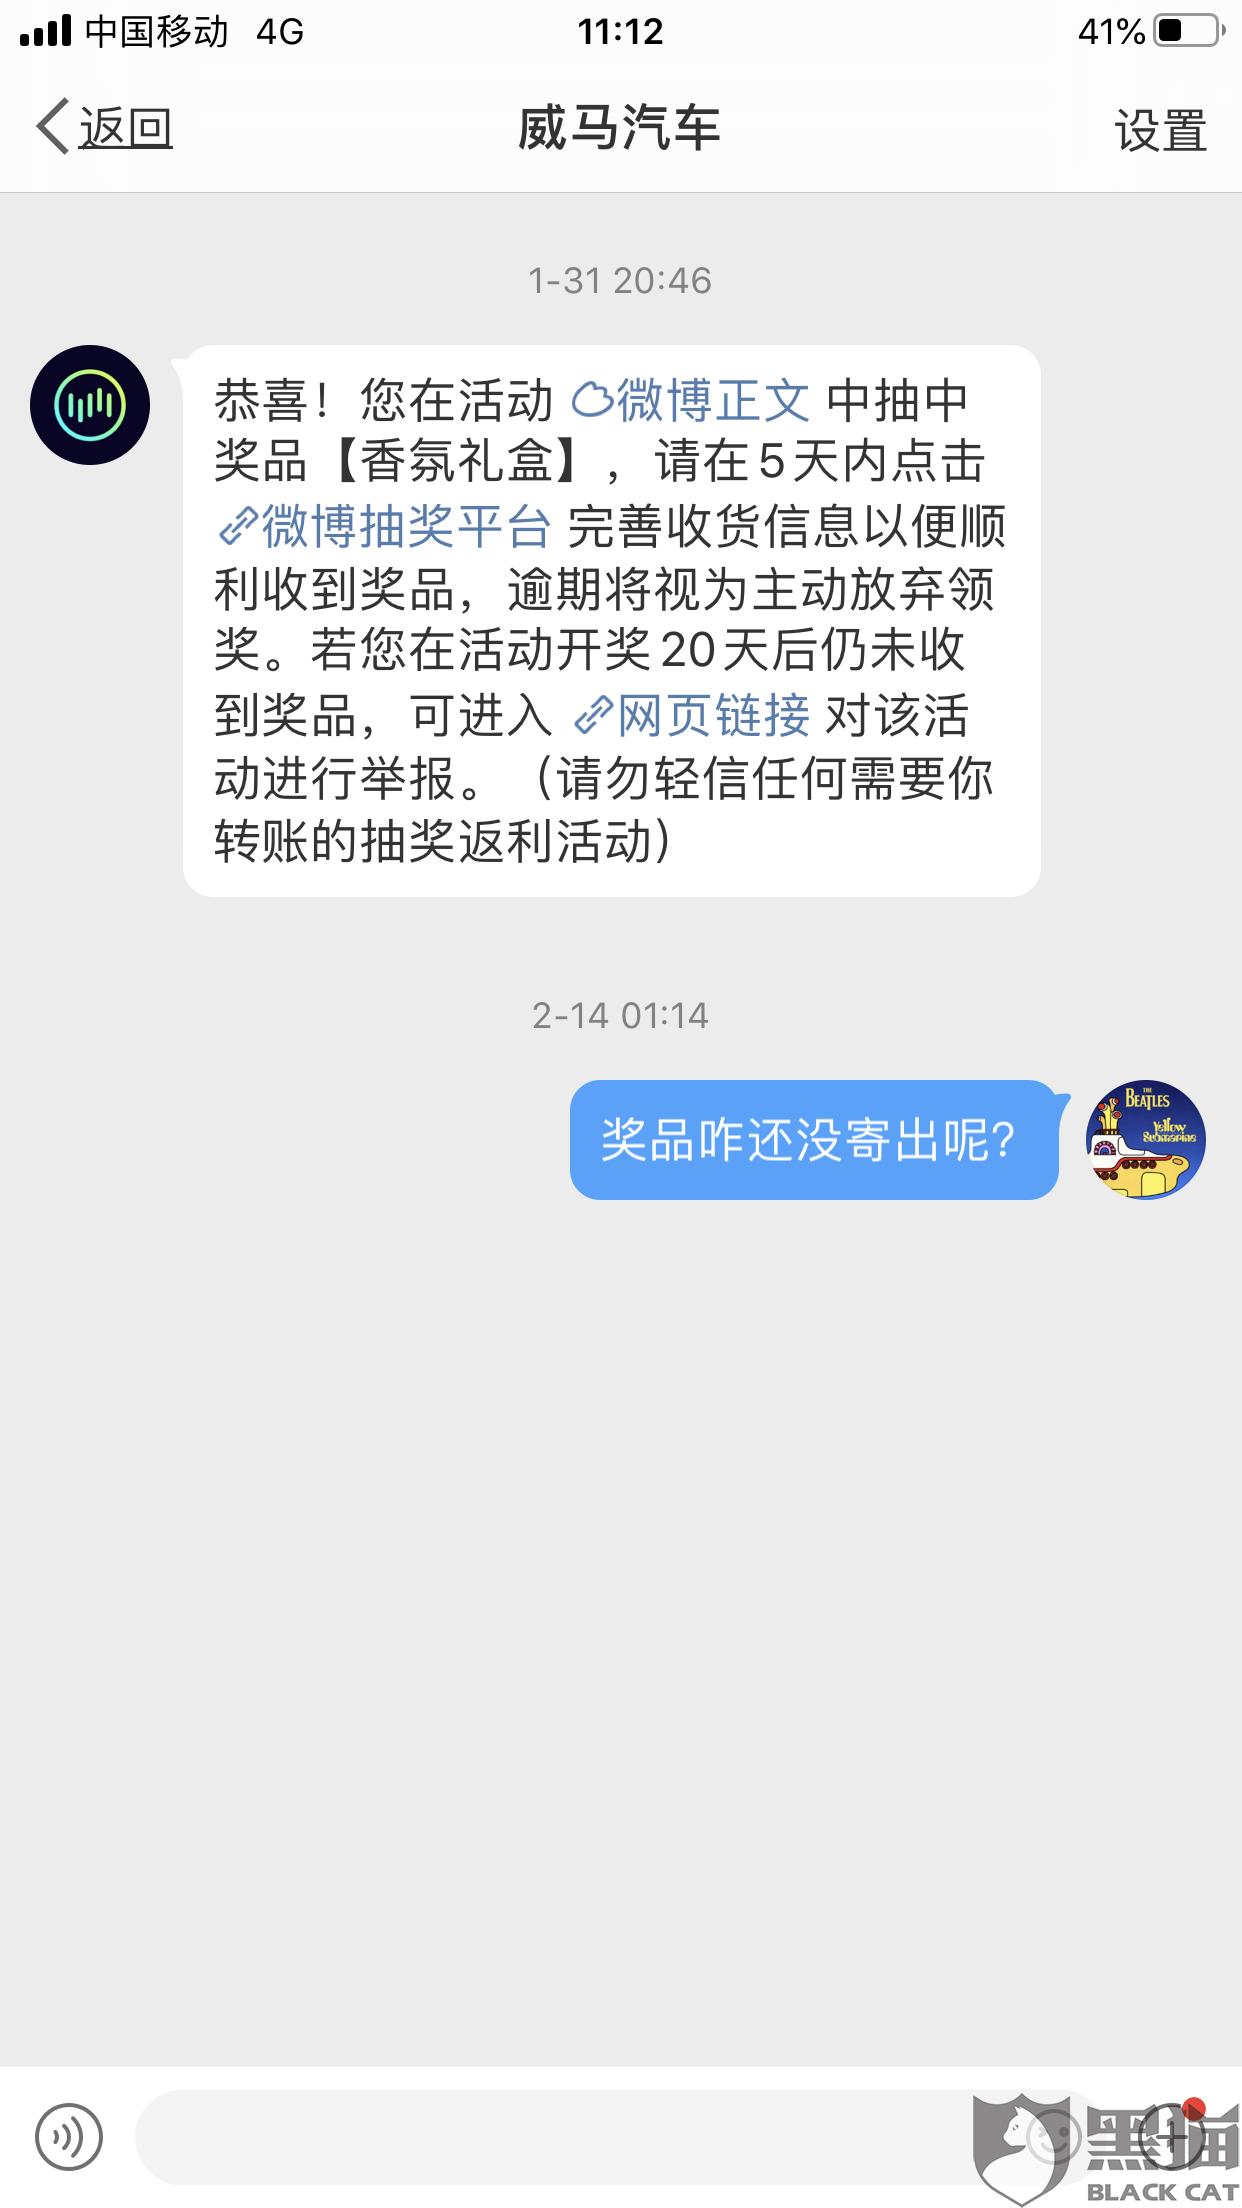 黑猫投诉:威马汽车微博中奖超过25天不发奖励